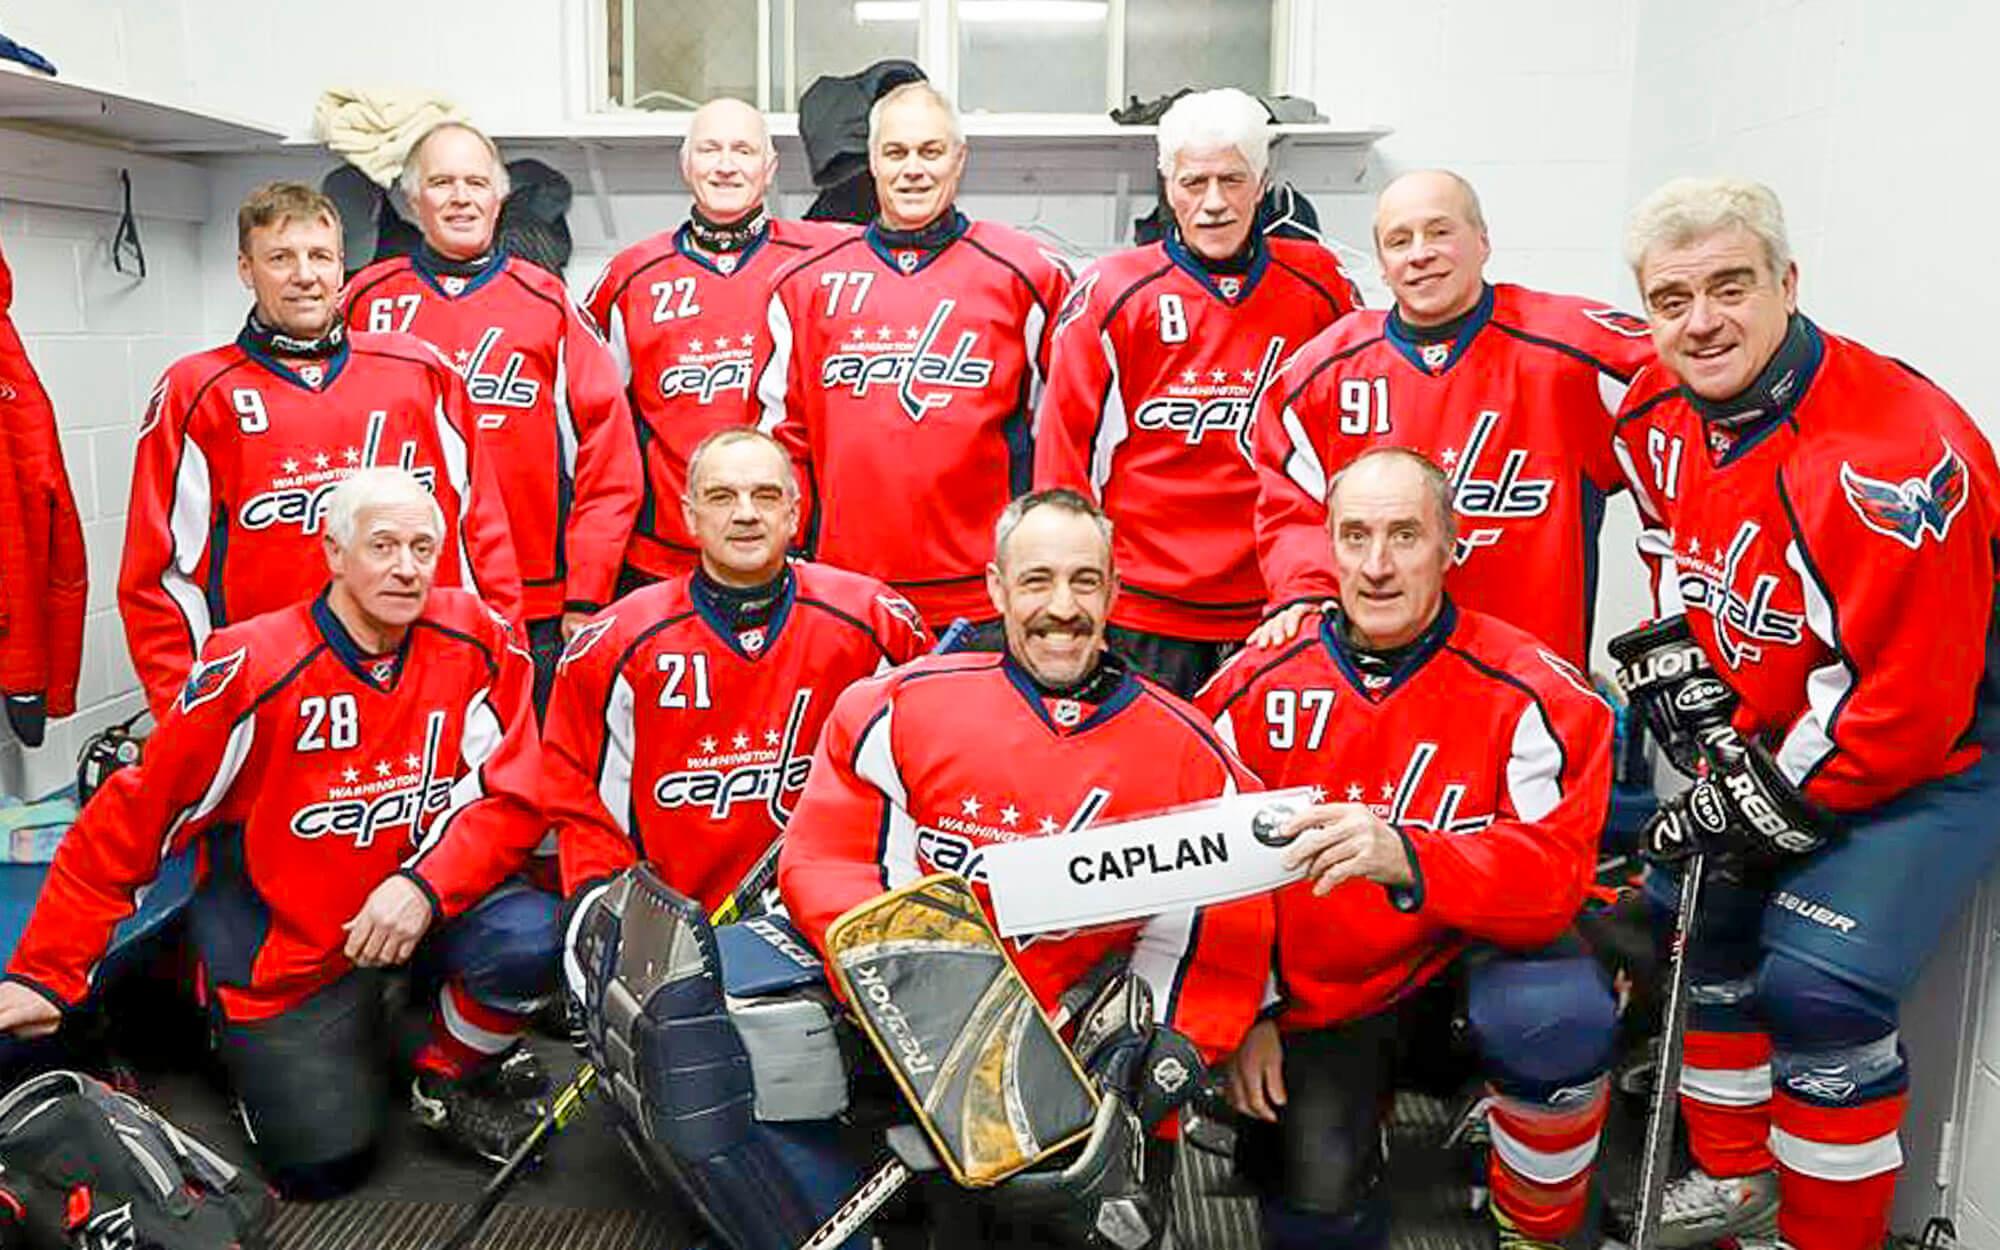 Tournoi de hockey villages 50 ans et plus Caplan 9e édition